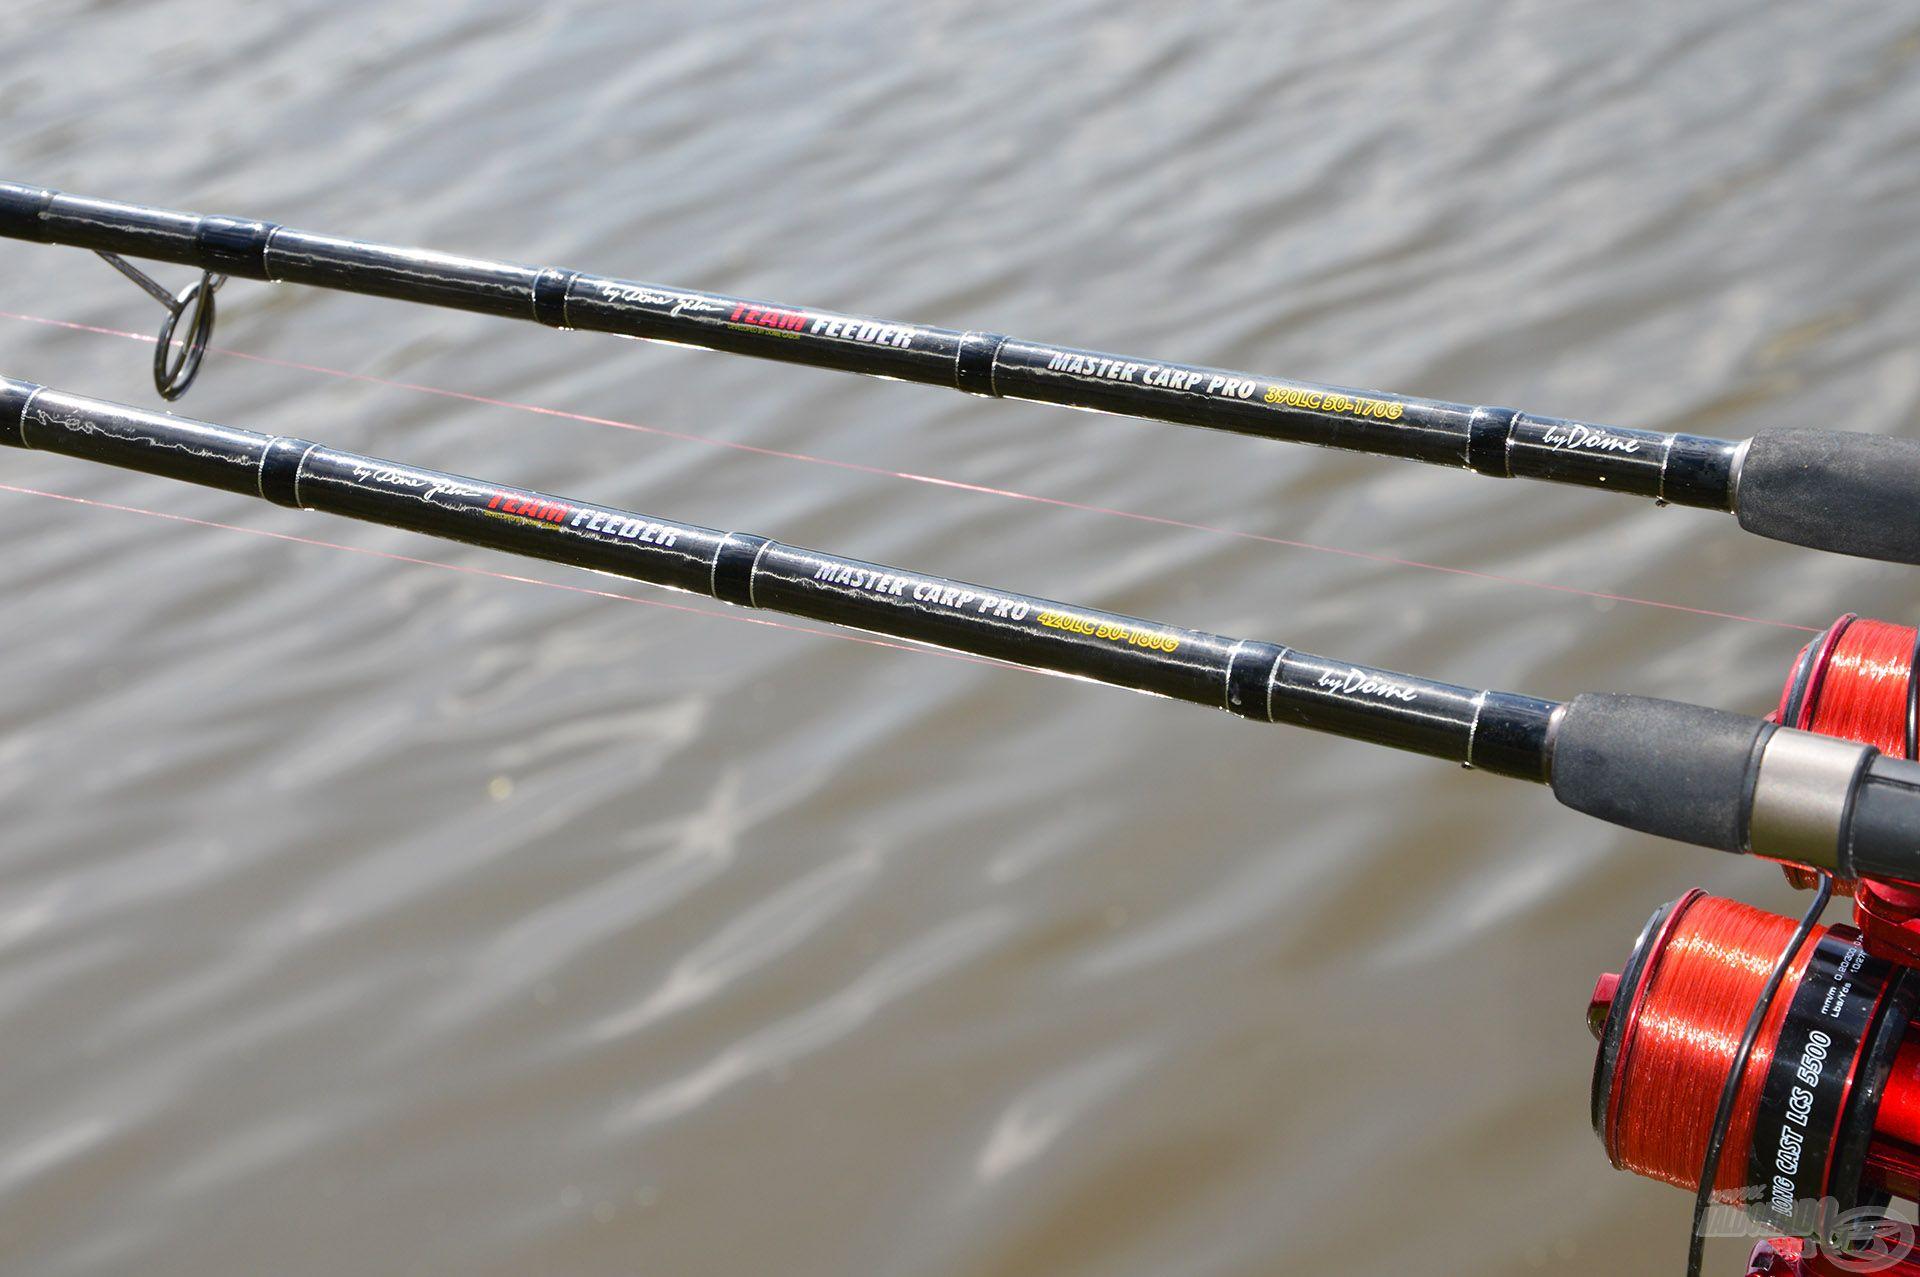 Felszereléseinket a távoli, pontos dobásokhoz és a termetes, erős halakhoz igazítottuk, amihez tökéletesek voltak a TEAM FEEDER LC botok…